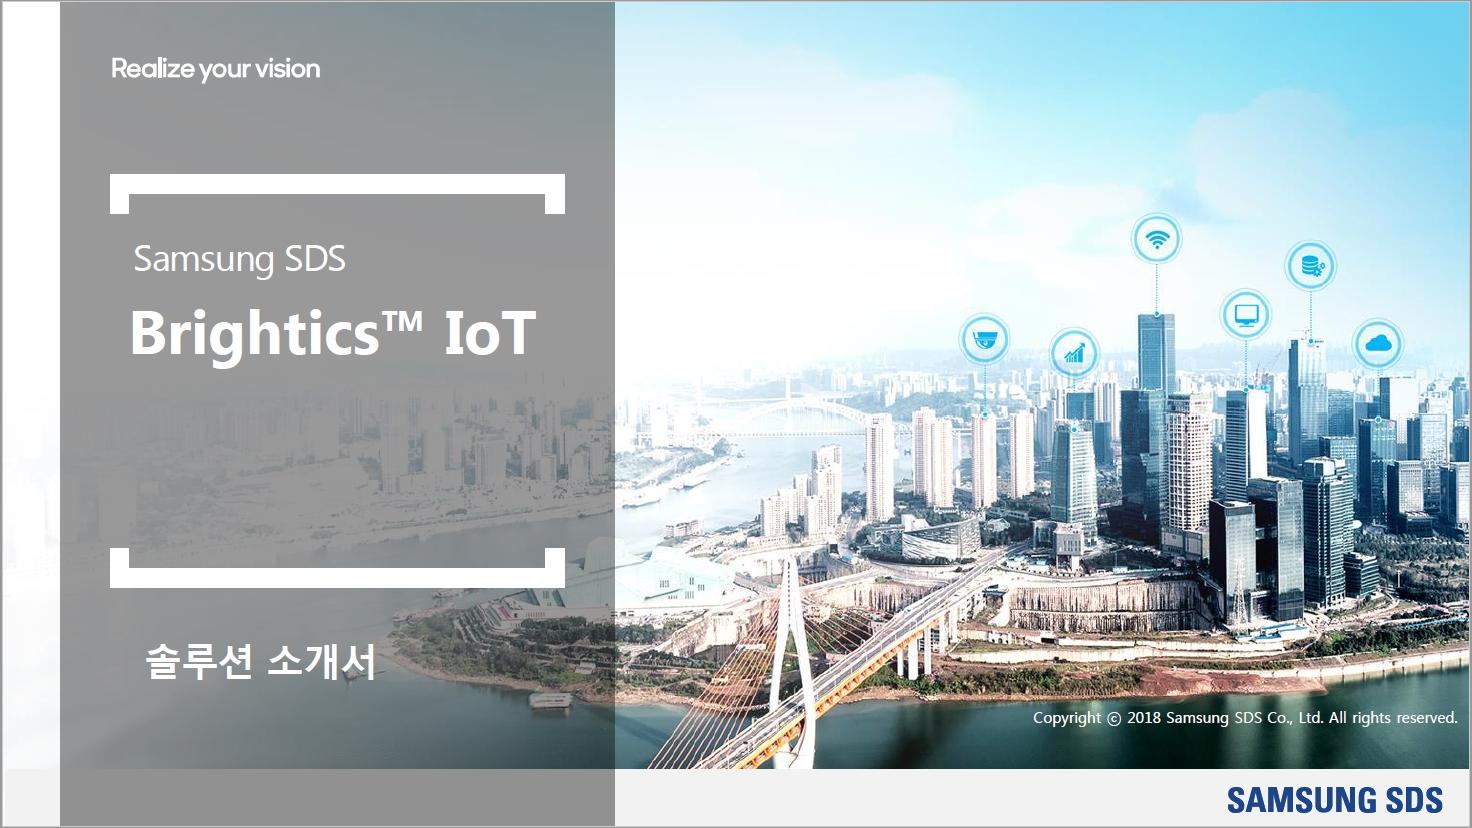 Brightics IoT에서 빅 데이터 솔루션 실행